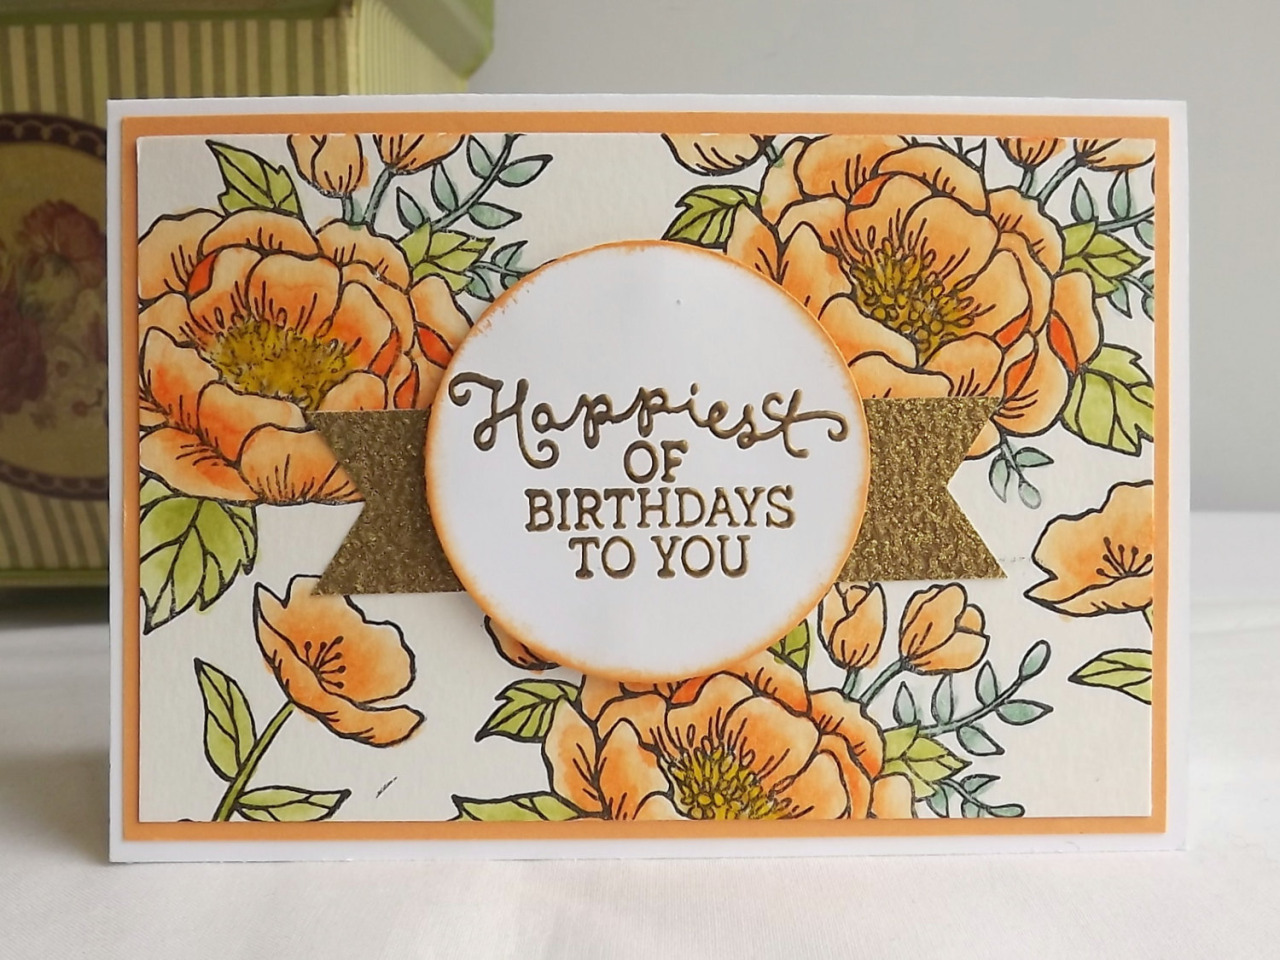 carte anniversaire à faire soi-meme gratuite 49